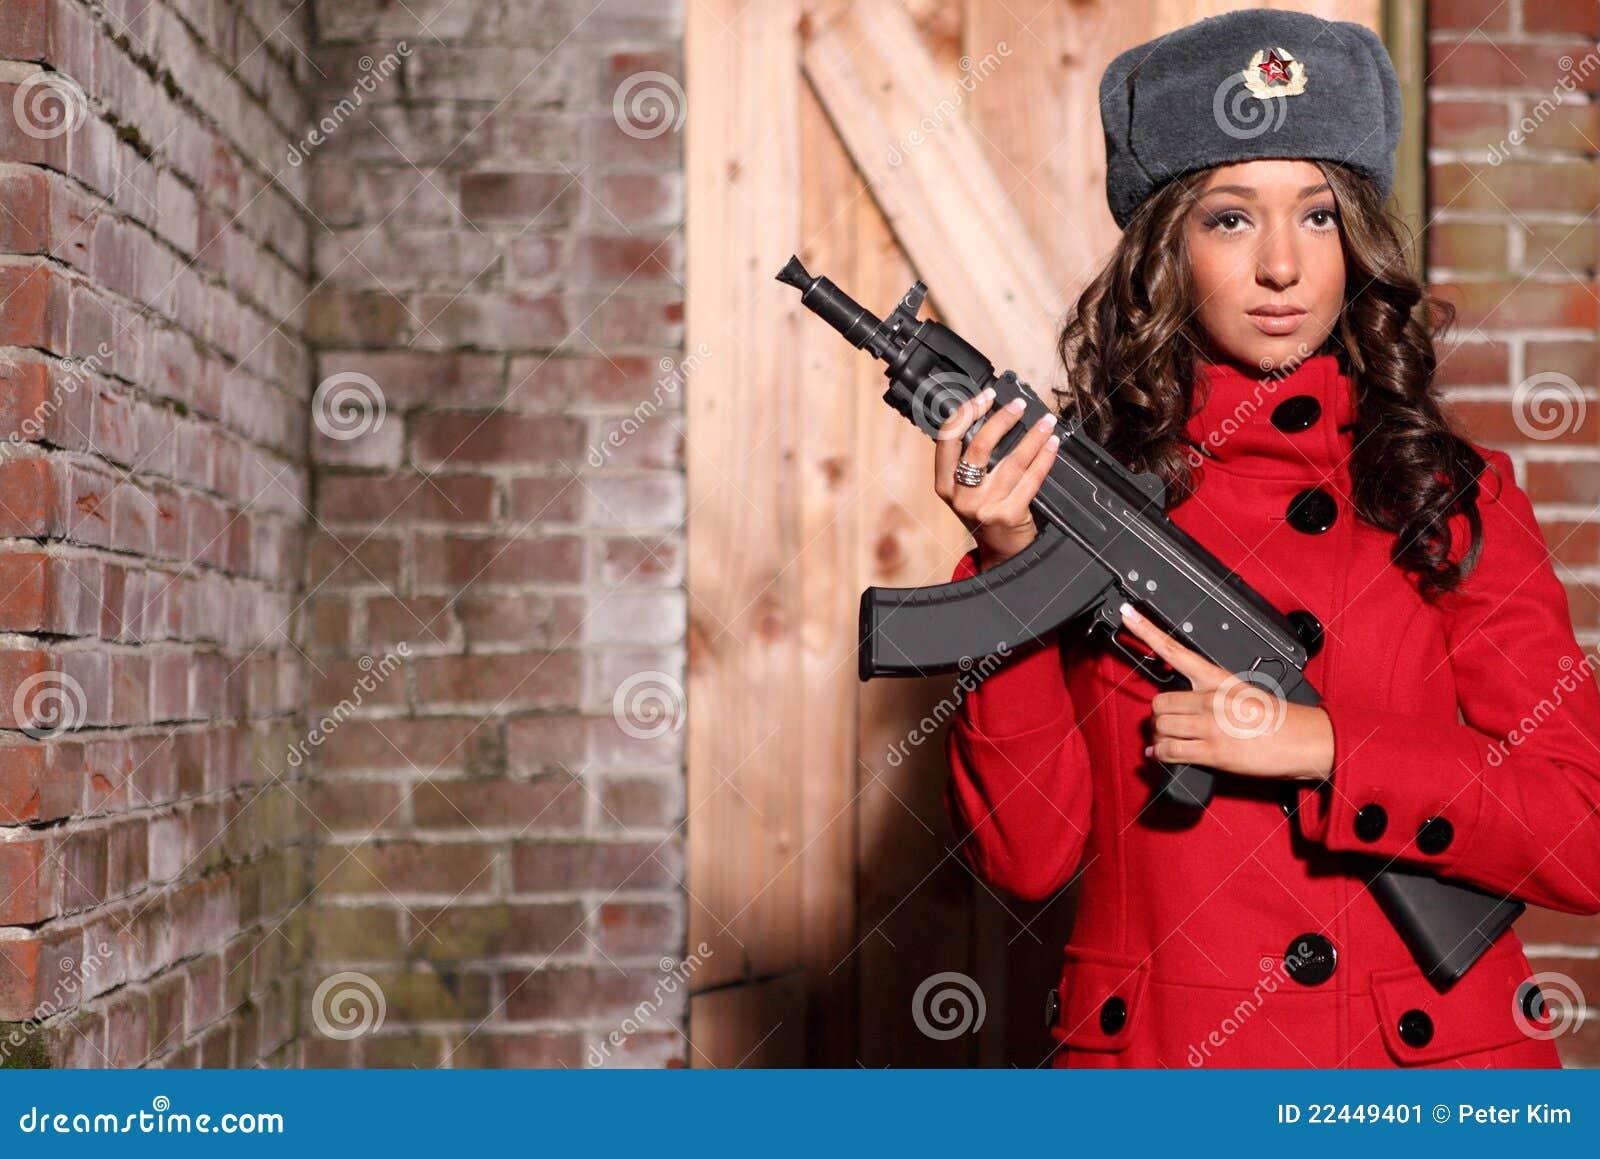 Mujer rusa y crear feliz